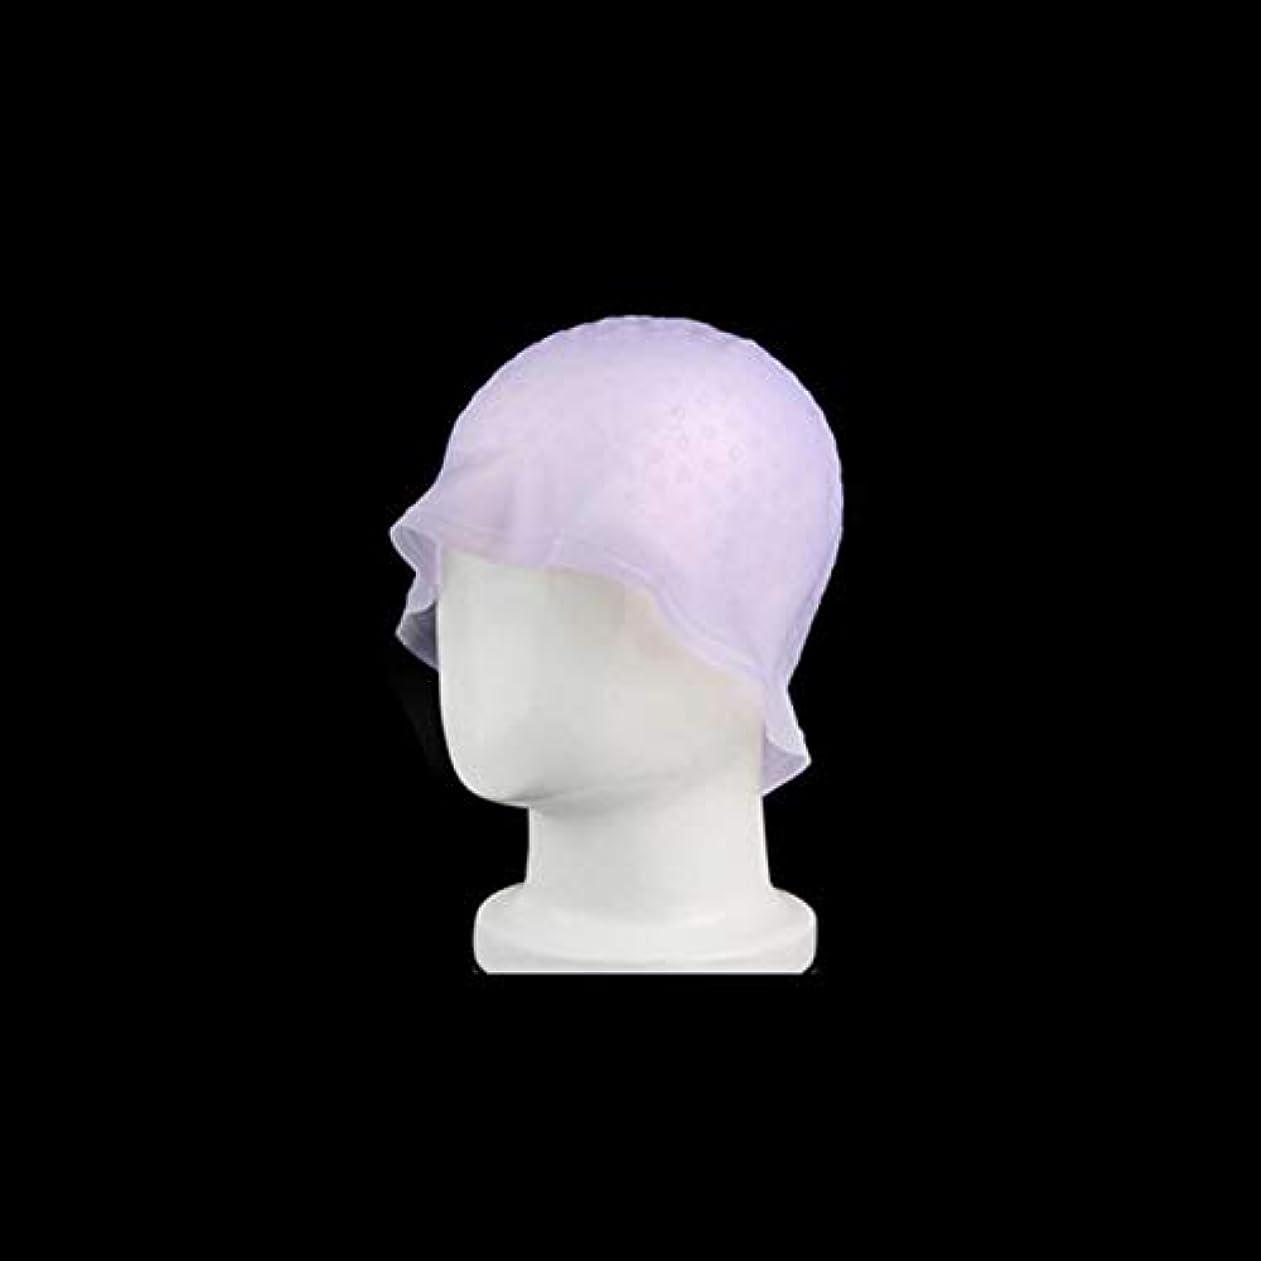 大佐ポーン岸DOMO カラーダイキャップ 染毛キャップ エコ サロン ヘア染めツール 再利用可能 染色用 ハイライト 髪染め工具